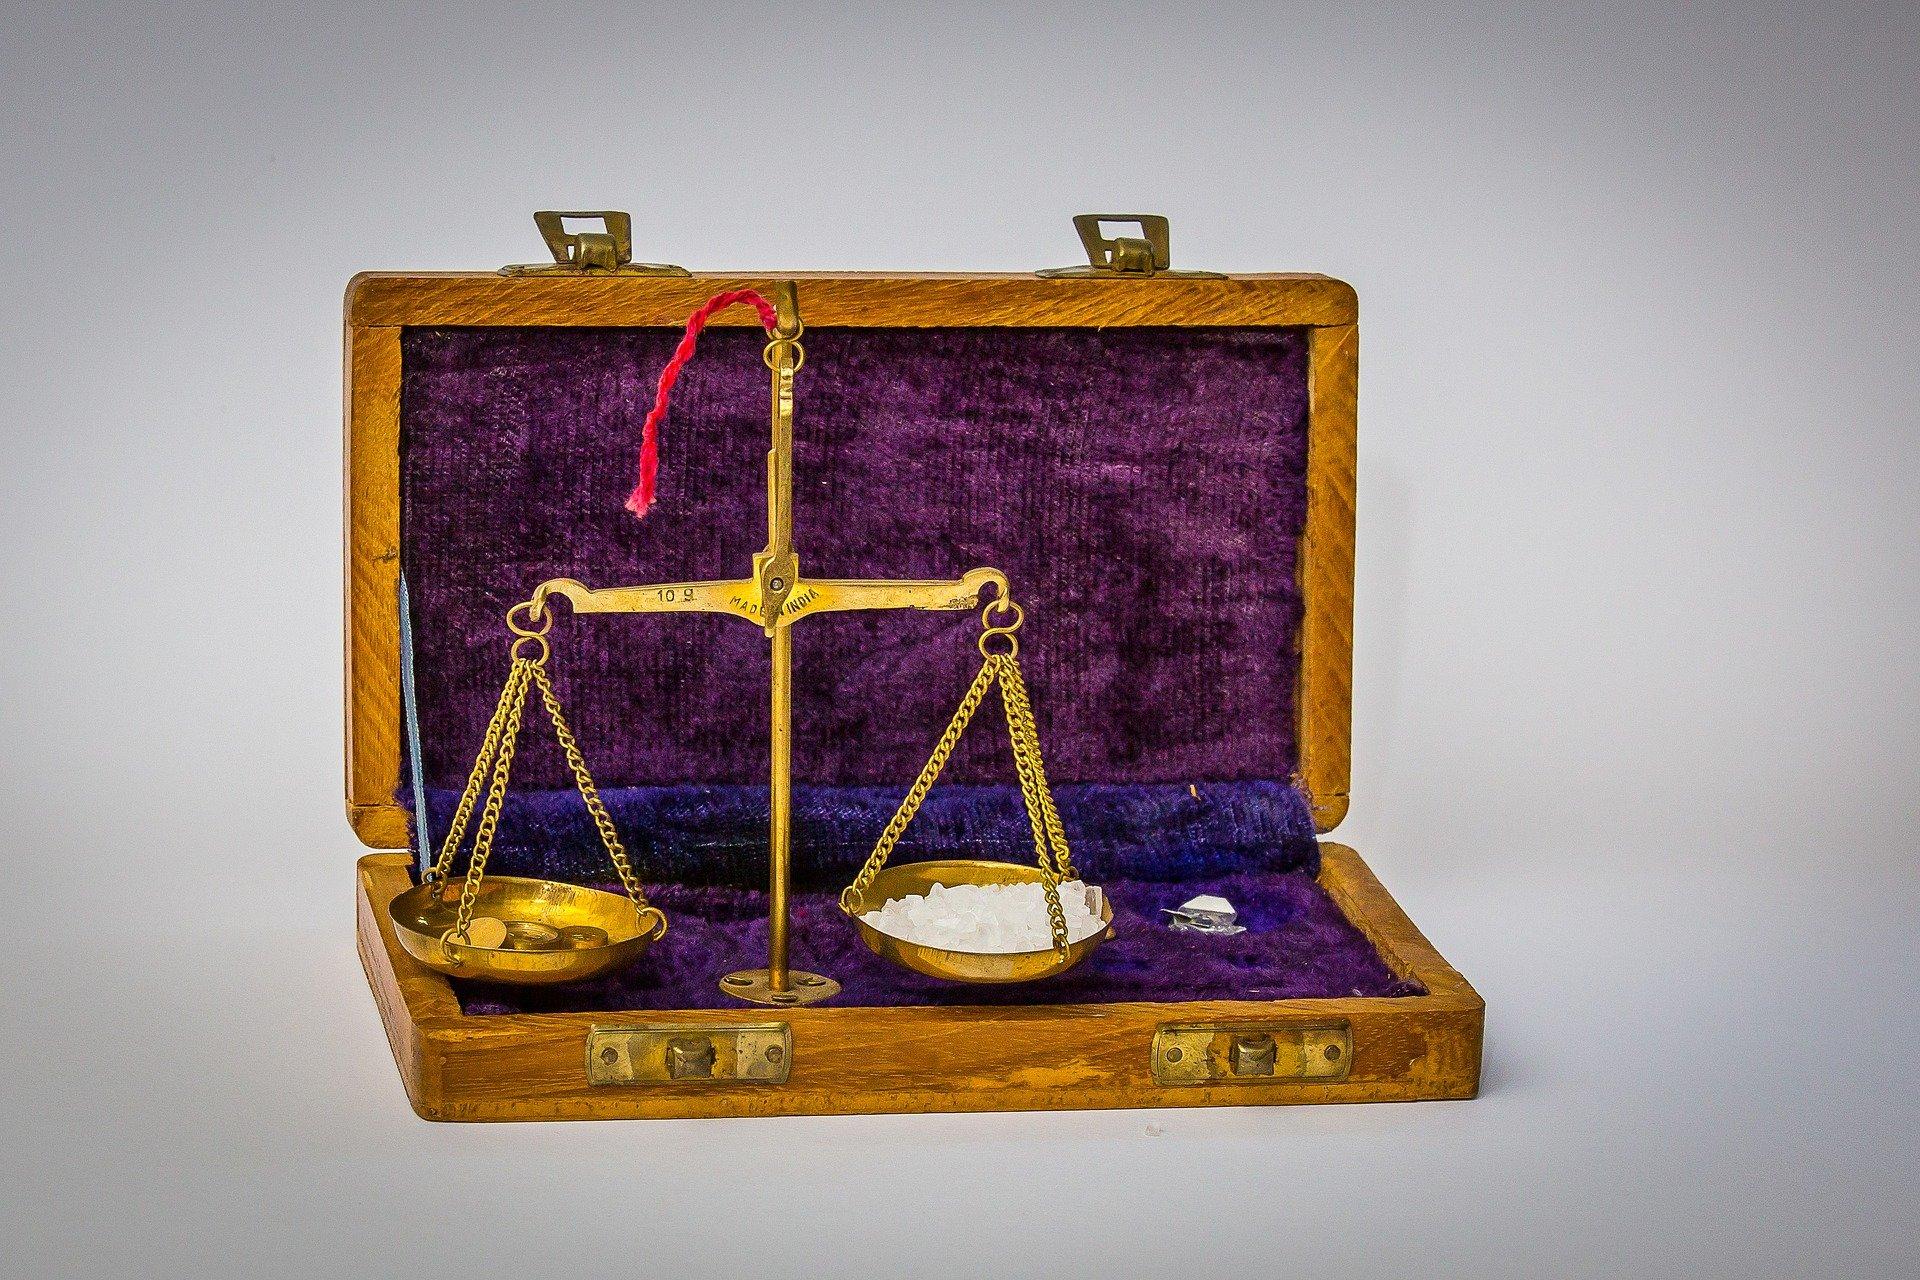 una valigia di velluto aperta con una bilancia orizzontale in equilibrio con materiali diversi